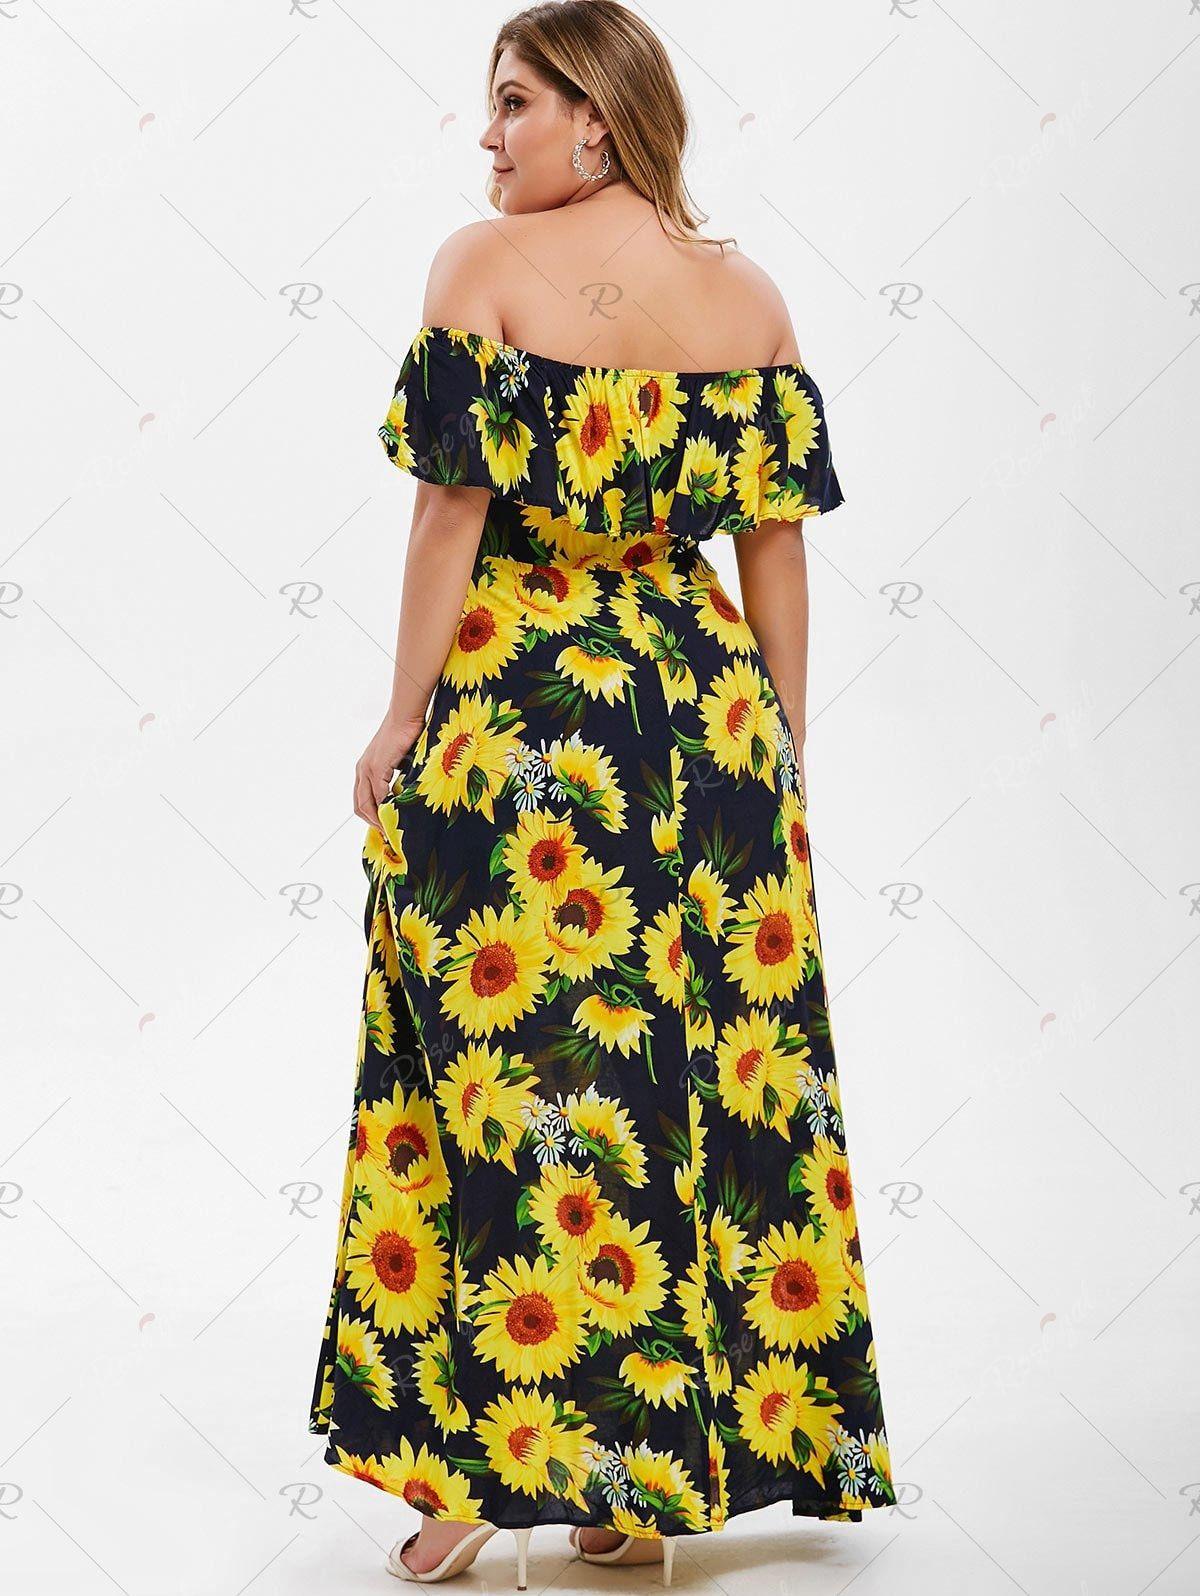 Plus Size Off The Shoulder Tie Maxi Dress Tie Maxi Dress Plus Size Maxi Dresses Maxi Dress [ 1596 x 1200 Pixel ]